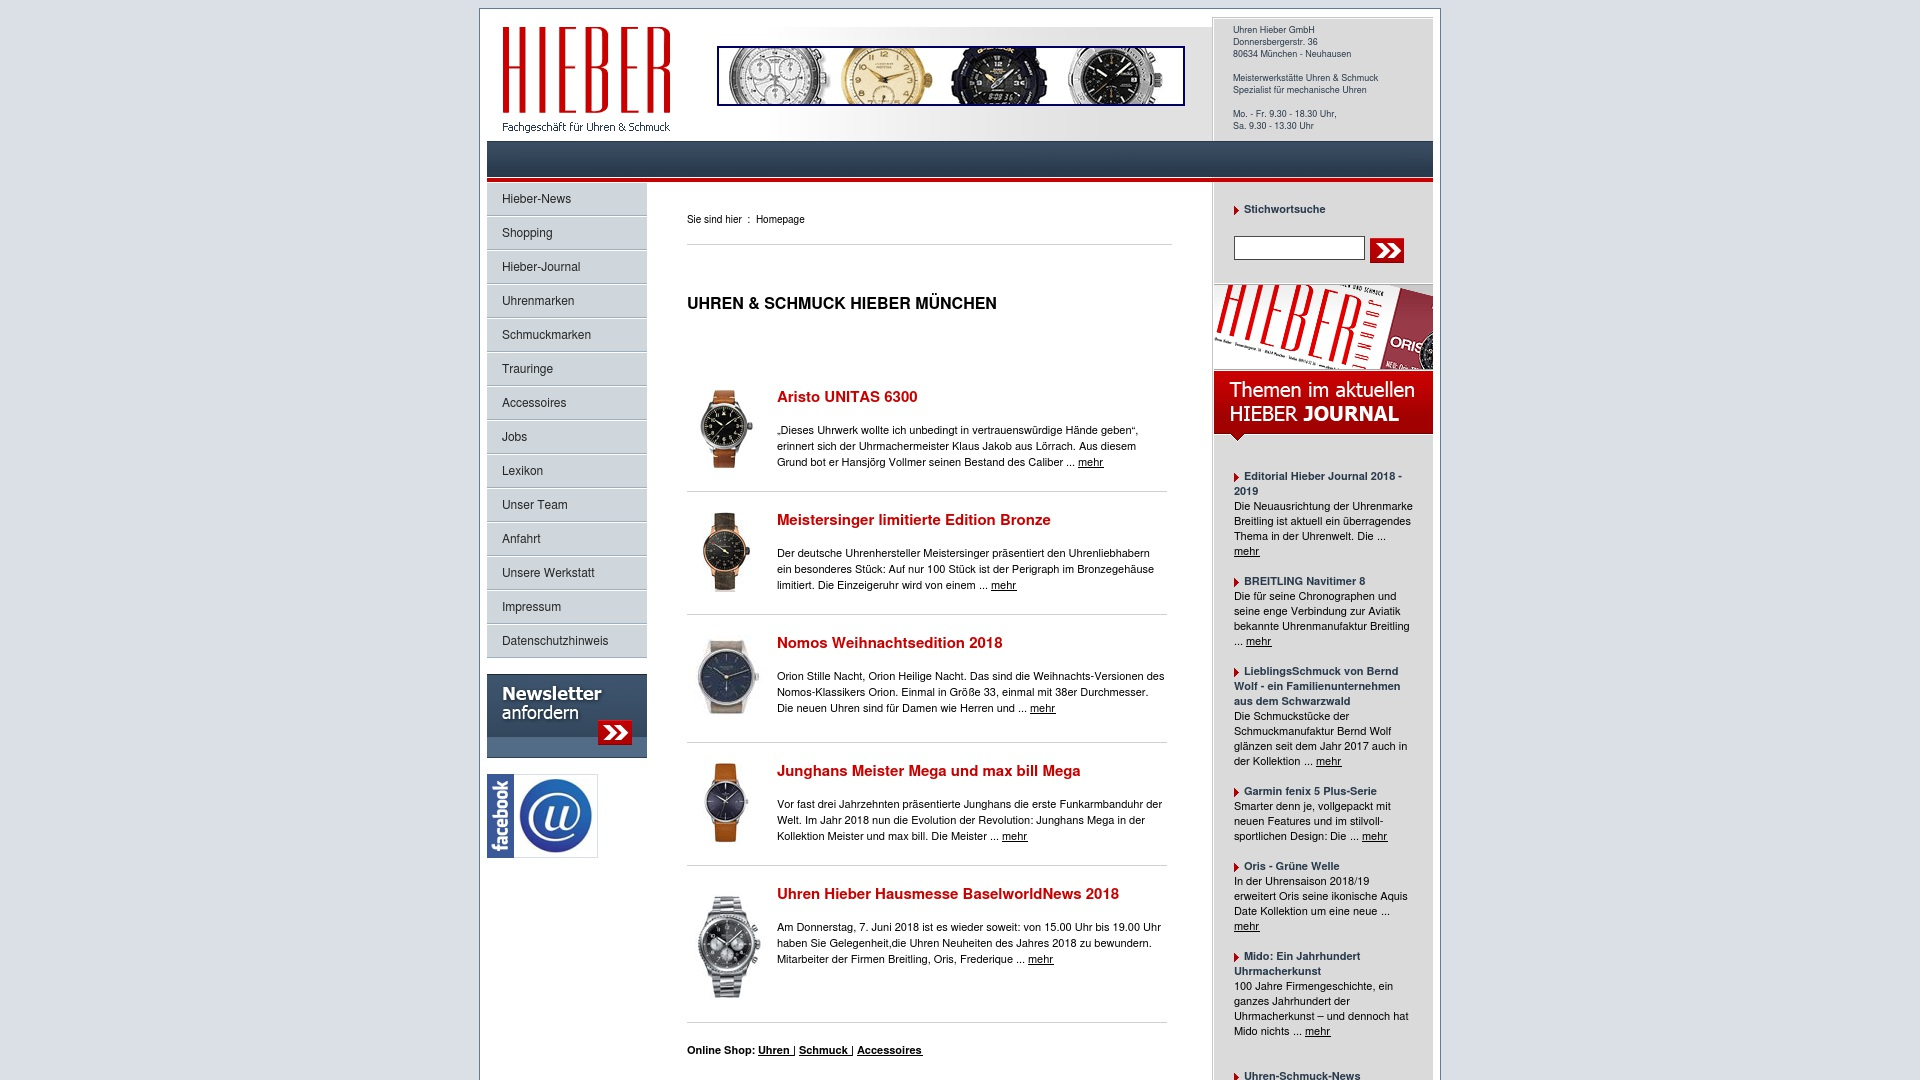 Gutschein für Uhren-hieber: Rabatte für  Uhren-hieber sichern